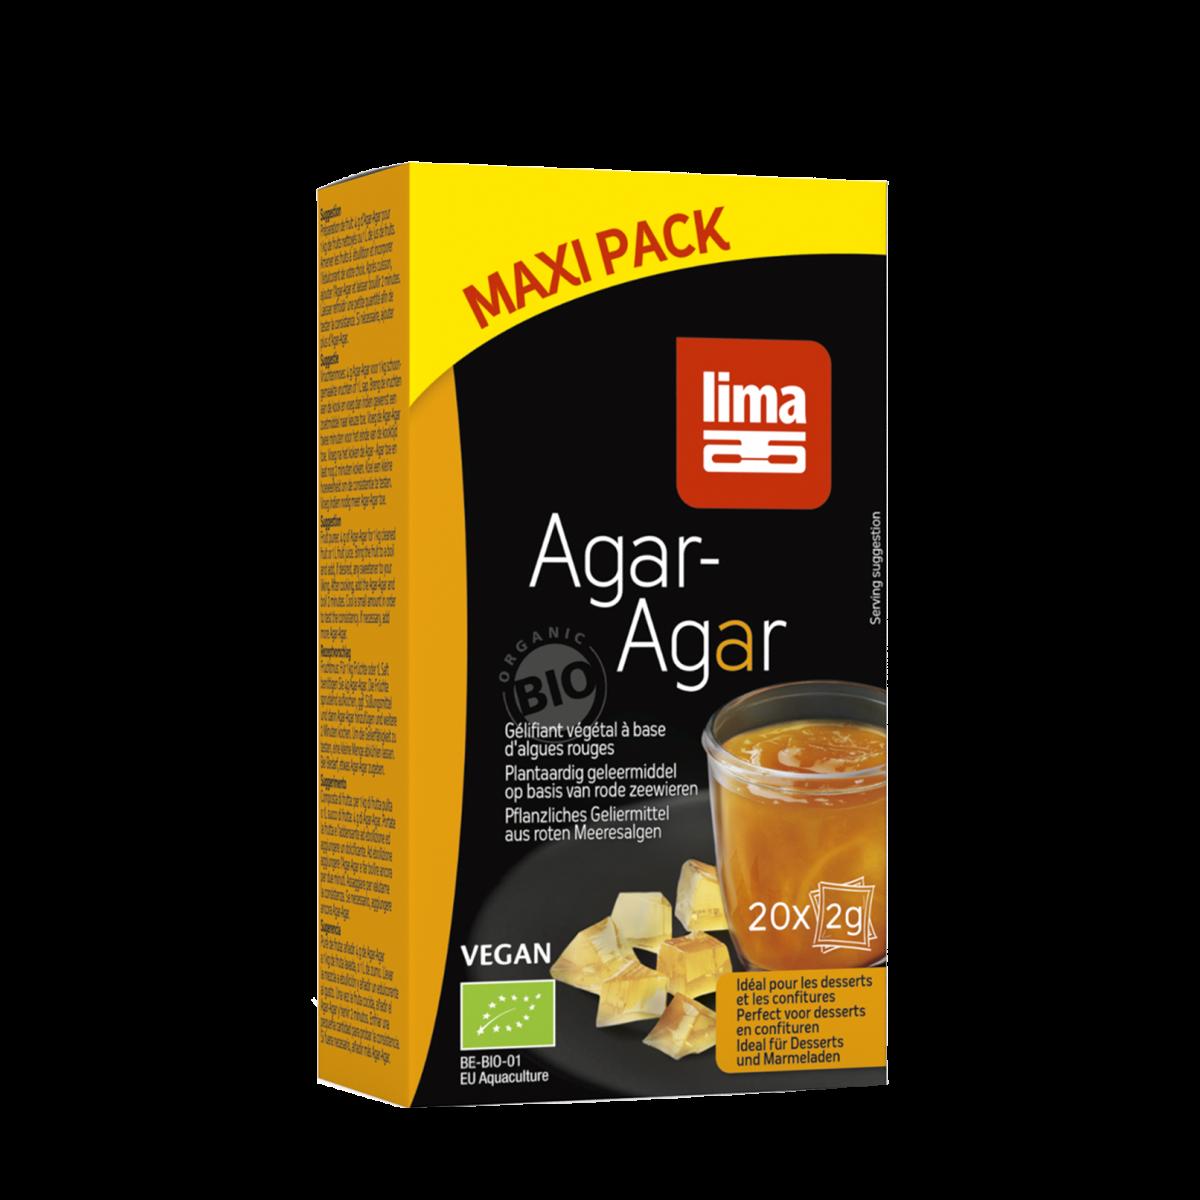 Agar-Agar Maxi Pack